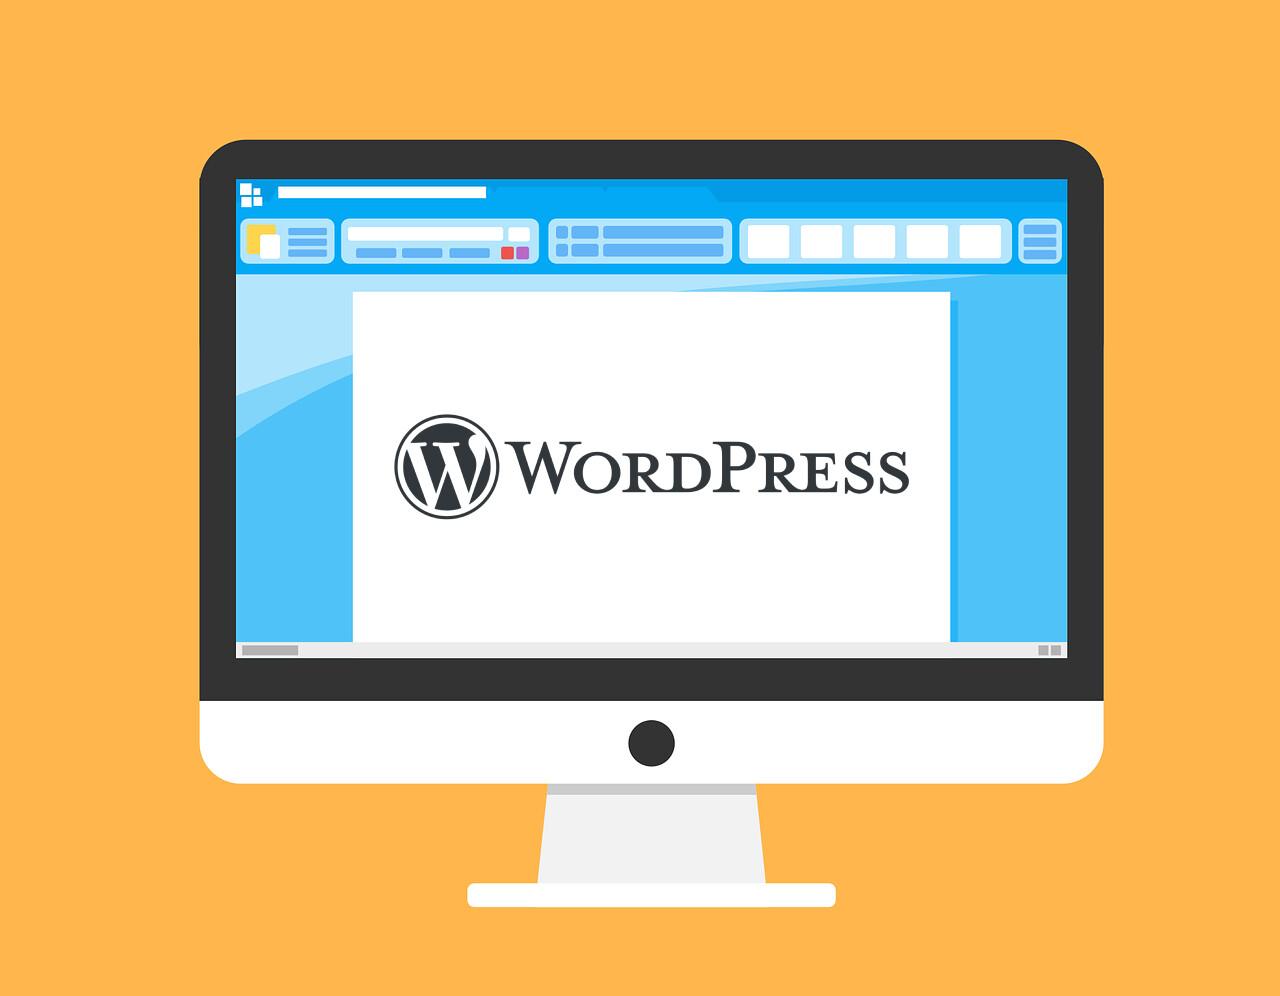 Pod względem SEO WordPress to doskonały, przyszłościowy wybór